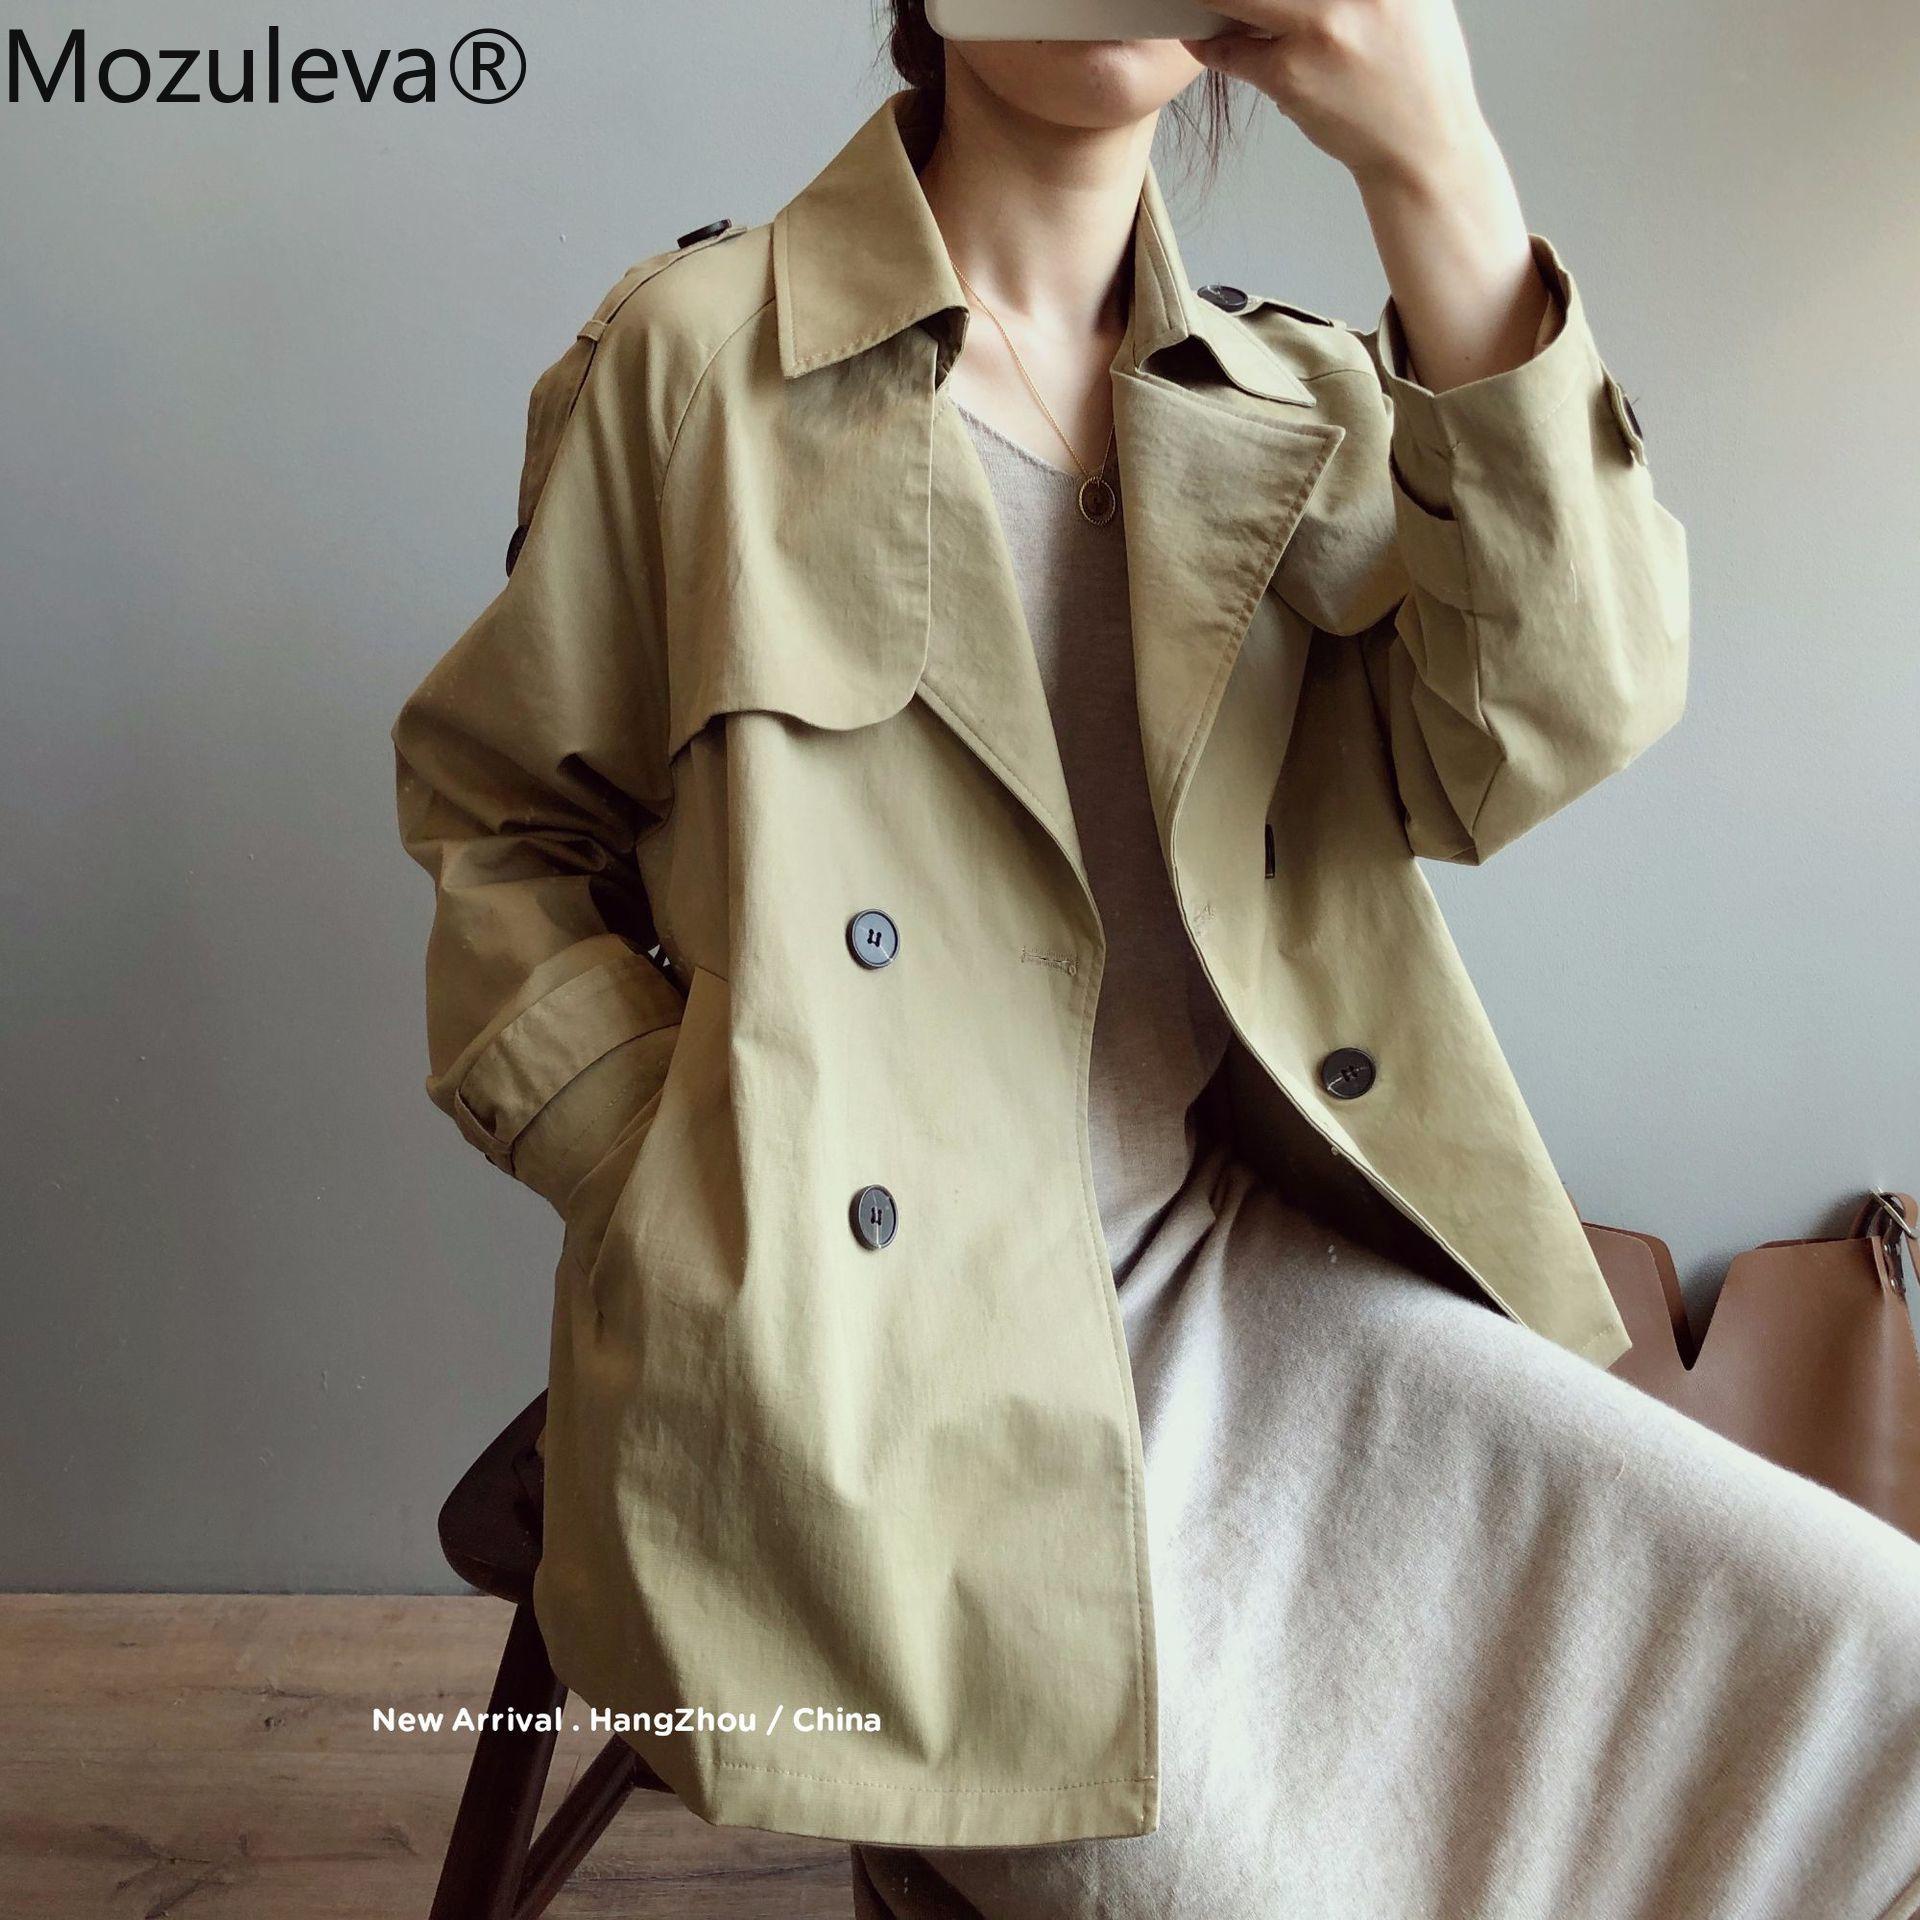 Mozuleva موضة خريف 2021 موديلات جديدة سترة واقية قصيرة للنساء بتصميم كوري معطف فضفاض ضيق بلون سادة وأكمام طويلة للنساء